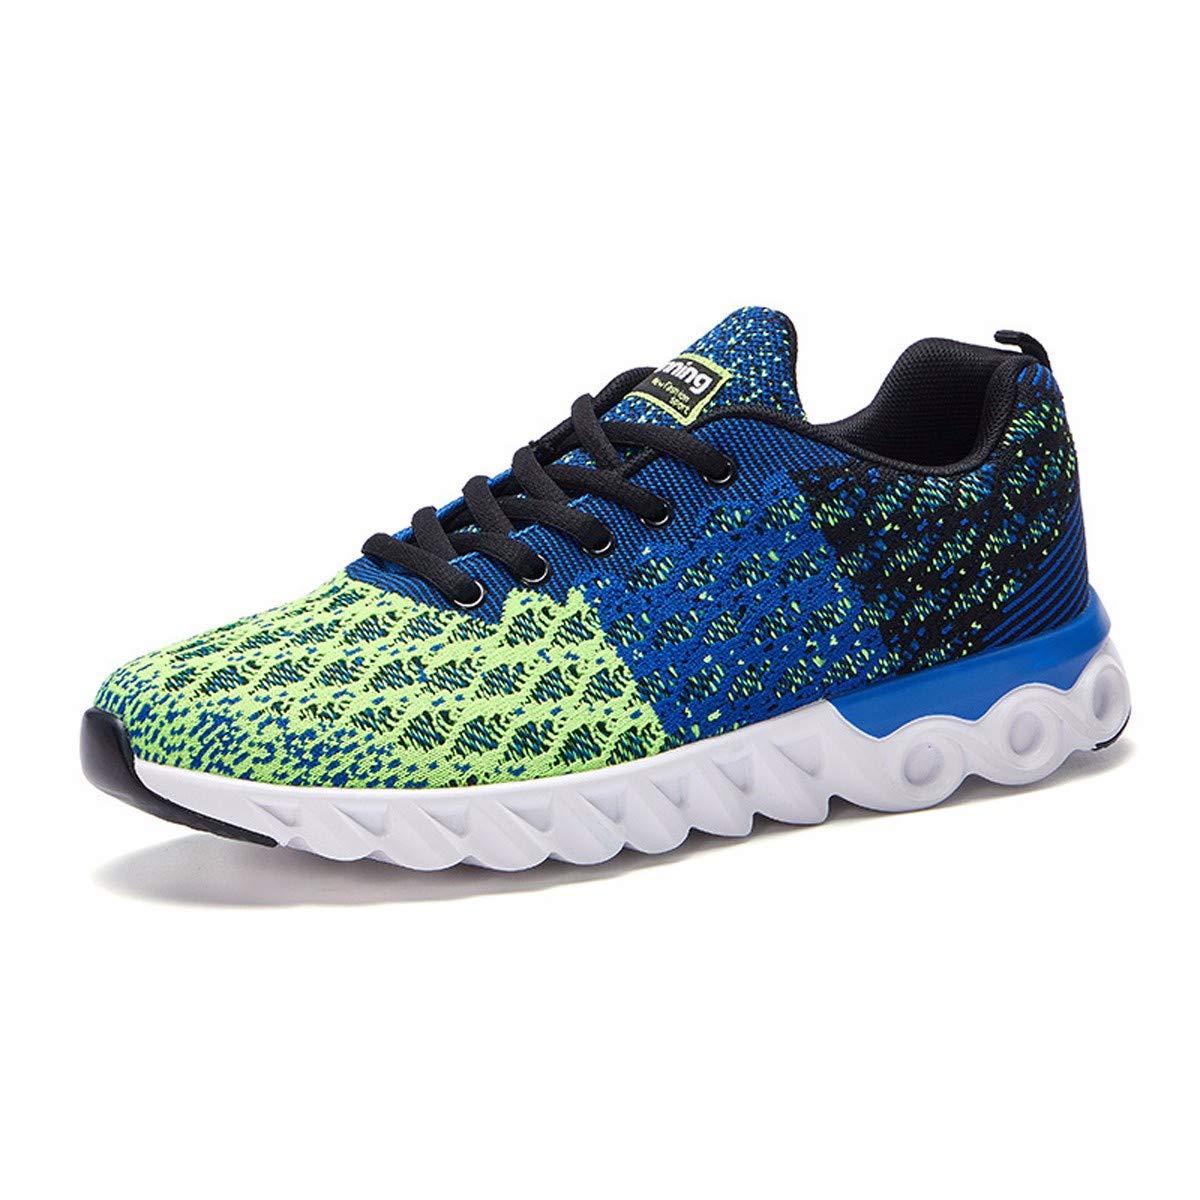 KMJBS-Männer Atmungsaktiv Mesh Casual Schuhen Fliegen Verschleissfestigkeit Laufschuhe Männer - Schuhe.